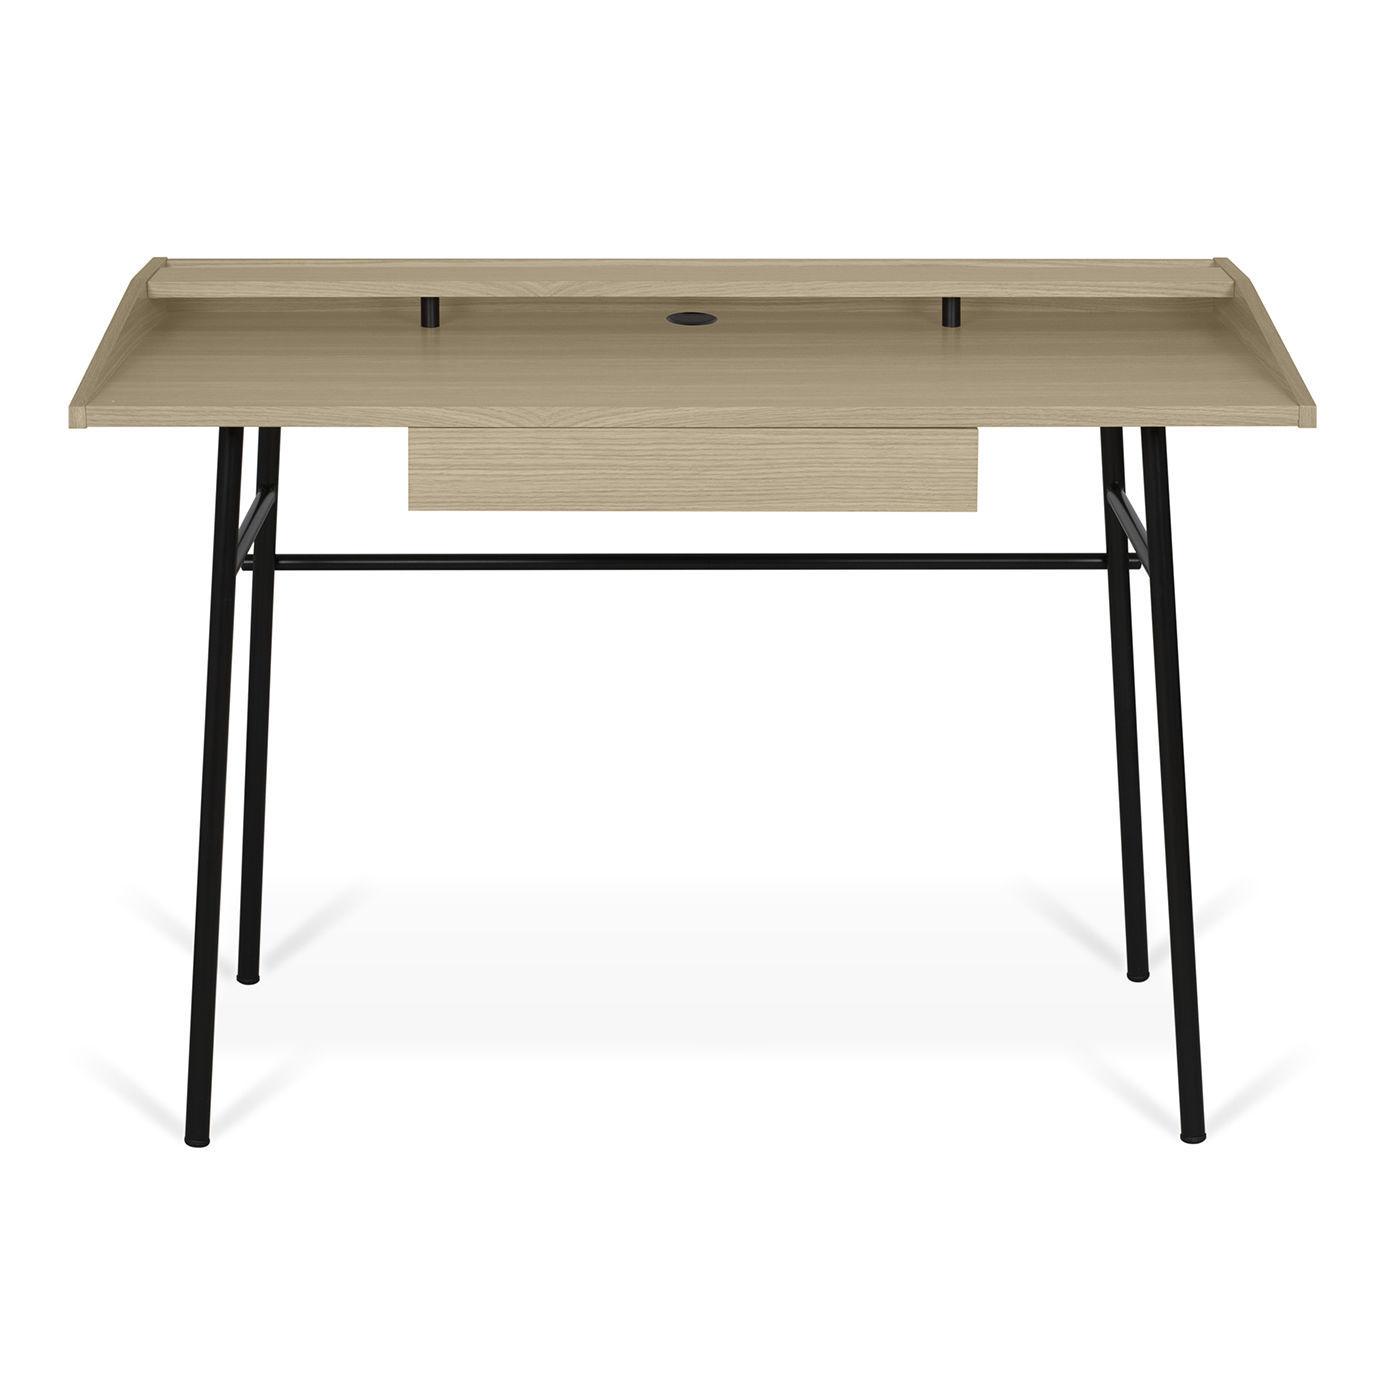 Schreibtisch Aus Eiche Holzfurnier Lackiertes Holz Metall